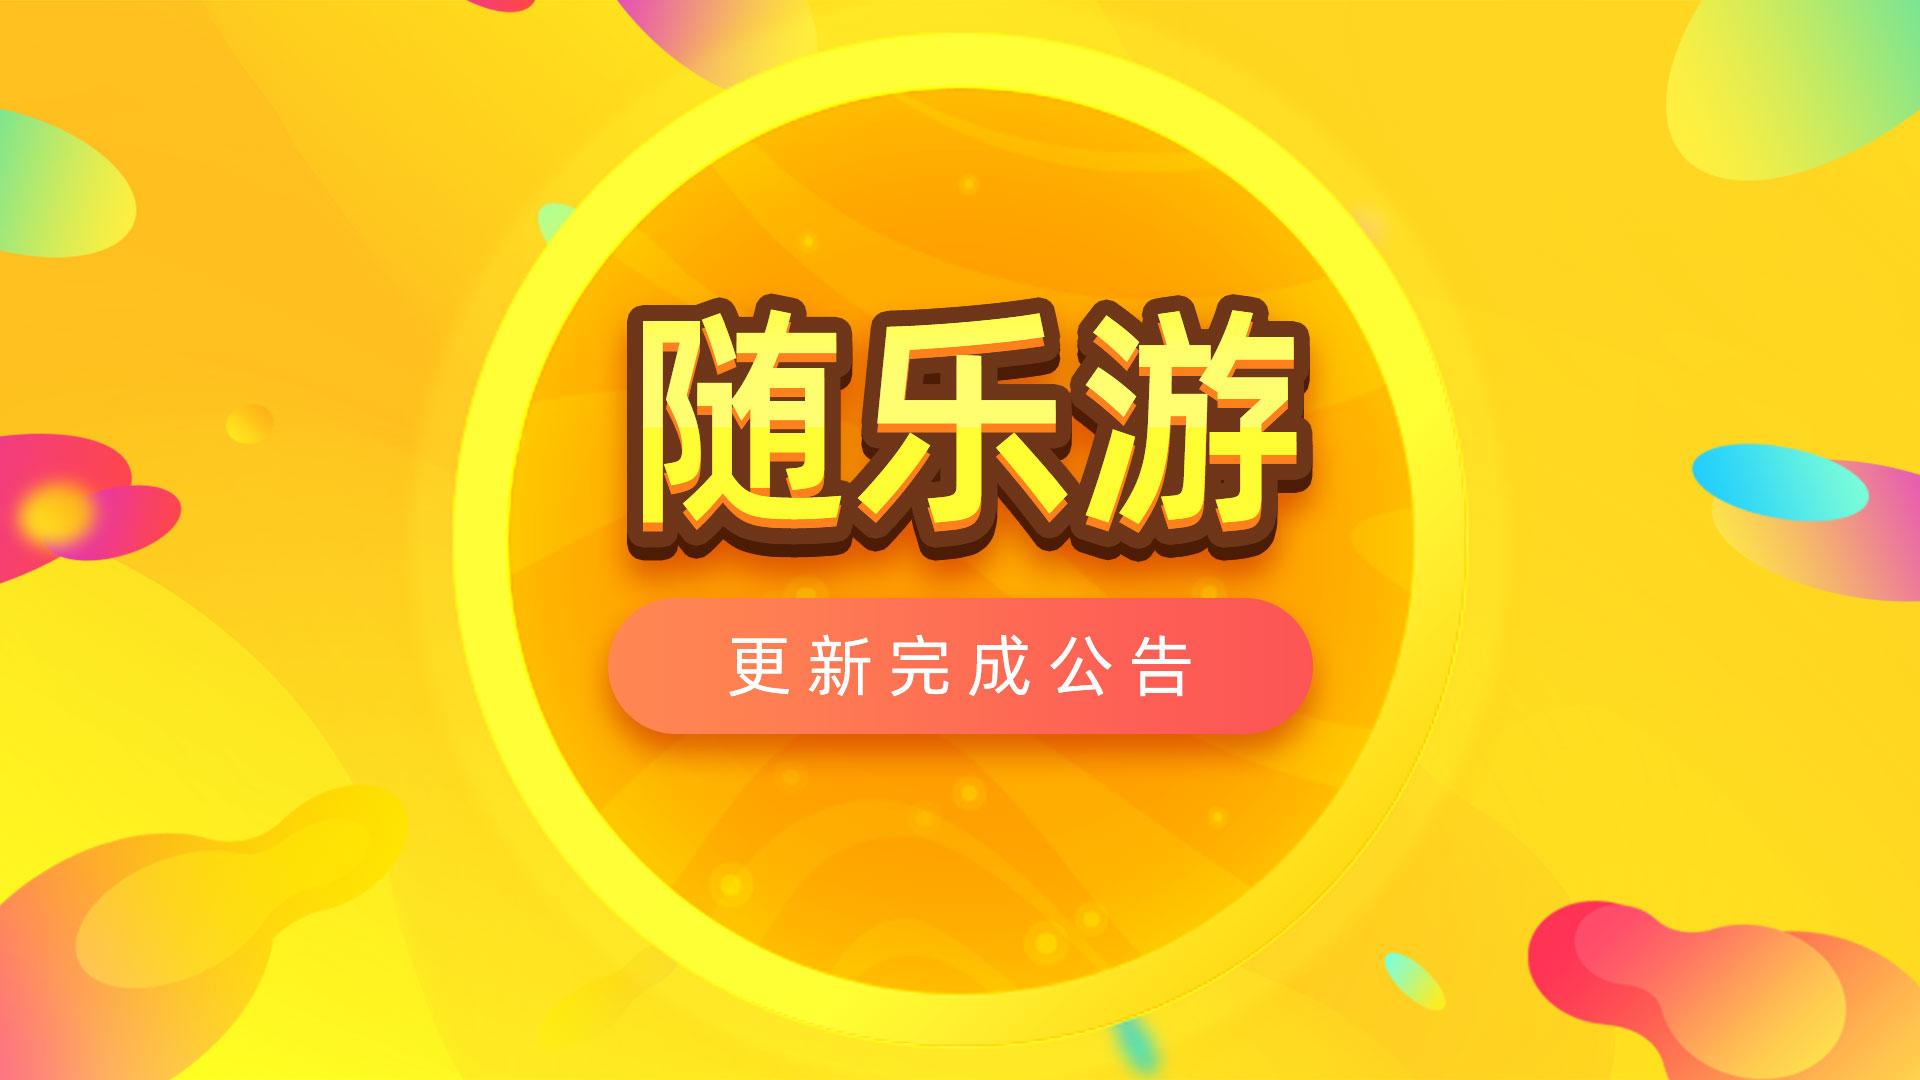 《随乐游》2.0.1版本12月04日发布公告